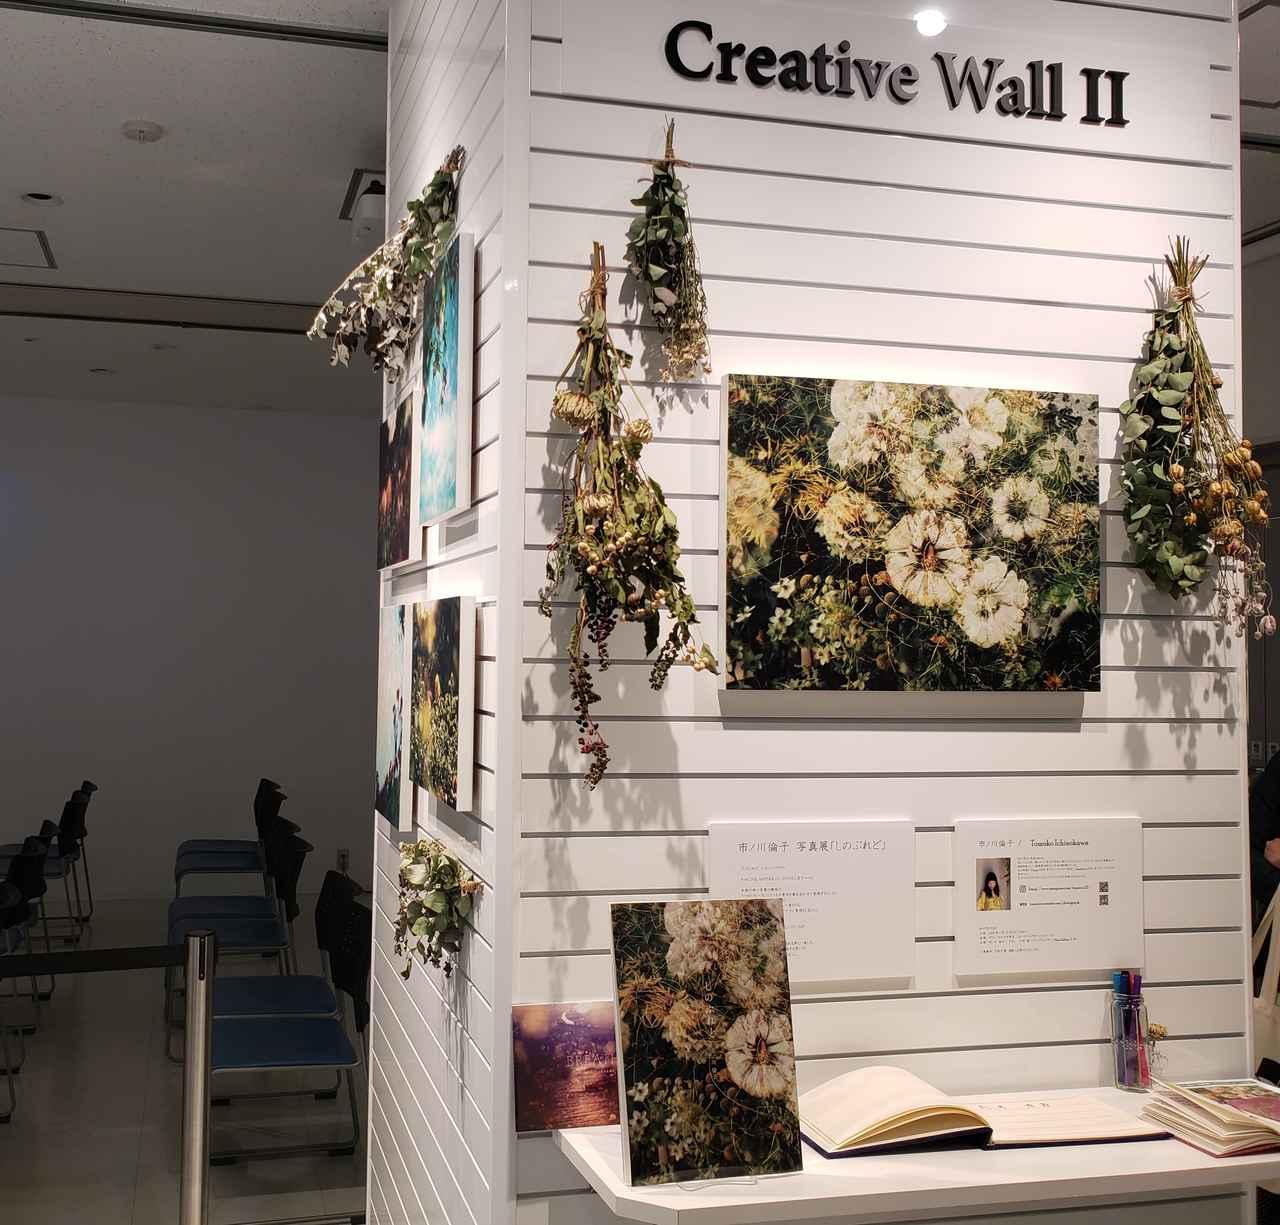 画像: 展示風景。会場では、市ノ川さんの作品制作においても欠かせないという「光と影」を意識し、市ノ川さんご自身 が束ねたスワッグも飾られています。また、写真集「しのぶれど」「BREATH」(各3,000円+送料)も受注販売されています。